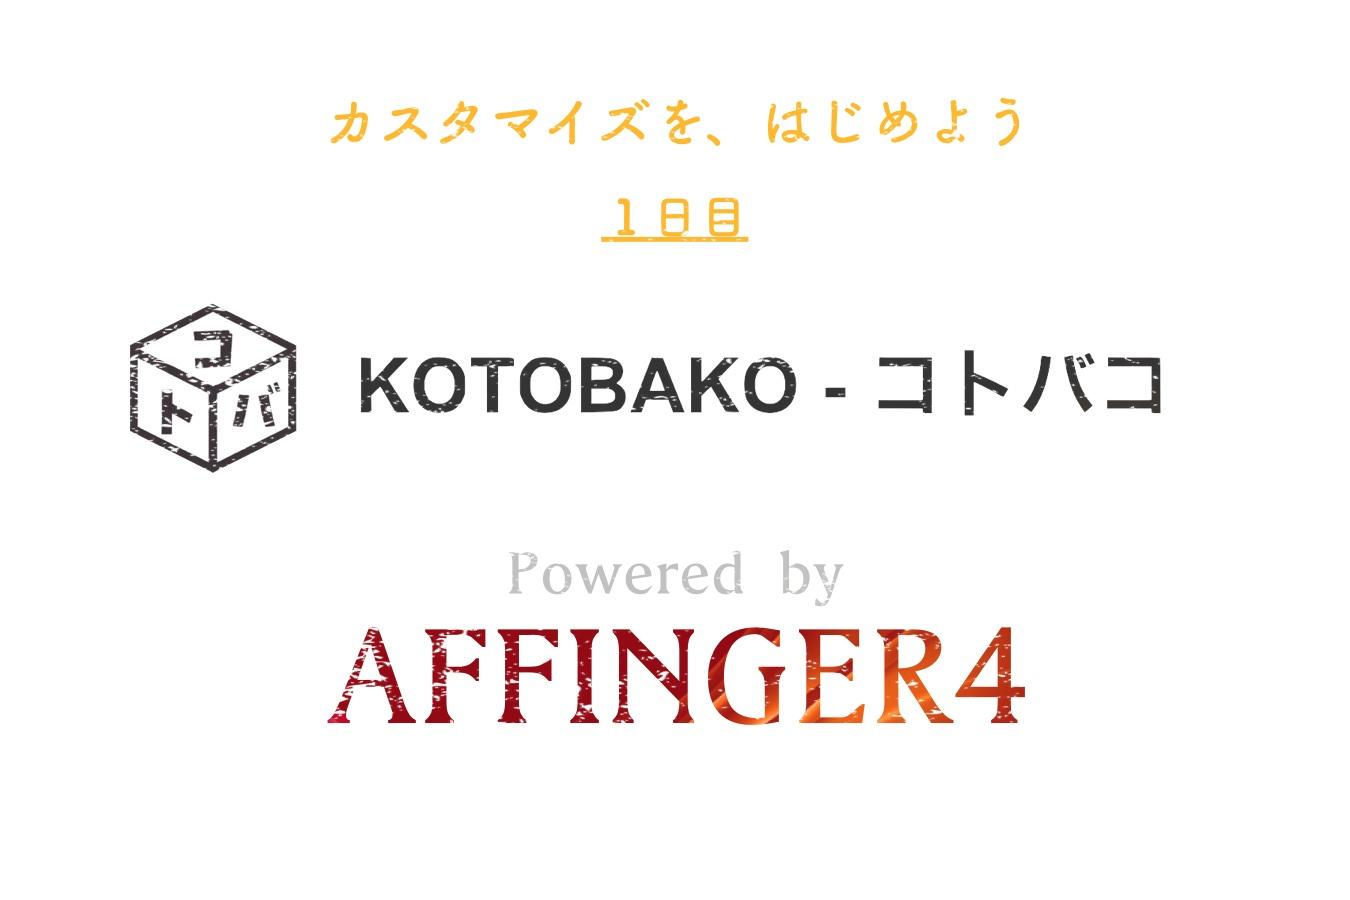 【AFFINGER4カスタマイズ】記事エリアの表示幅を広げよう!【第1回】